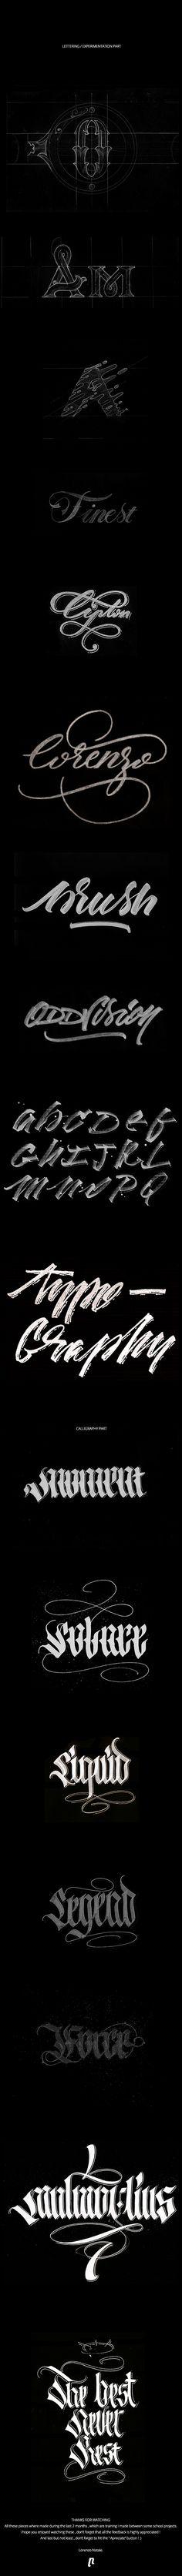 Inspiração Tipográfica #199